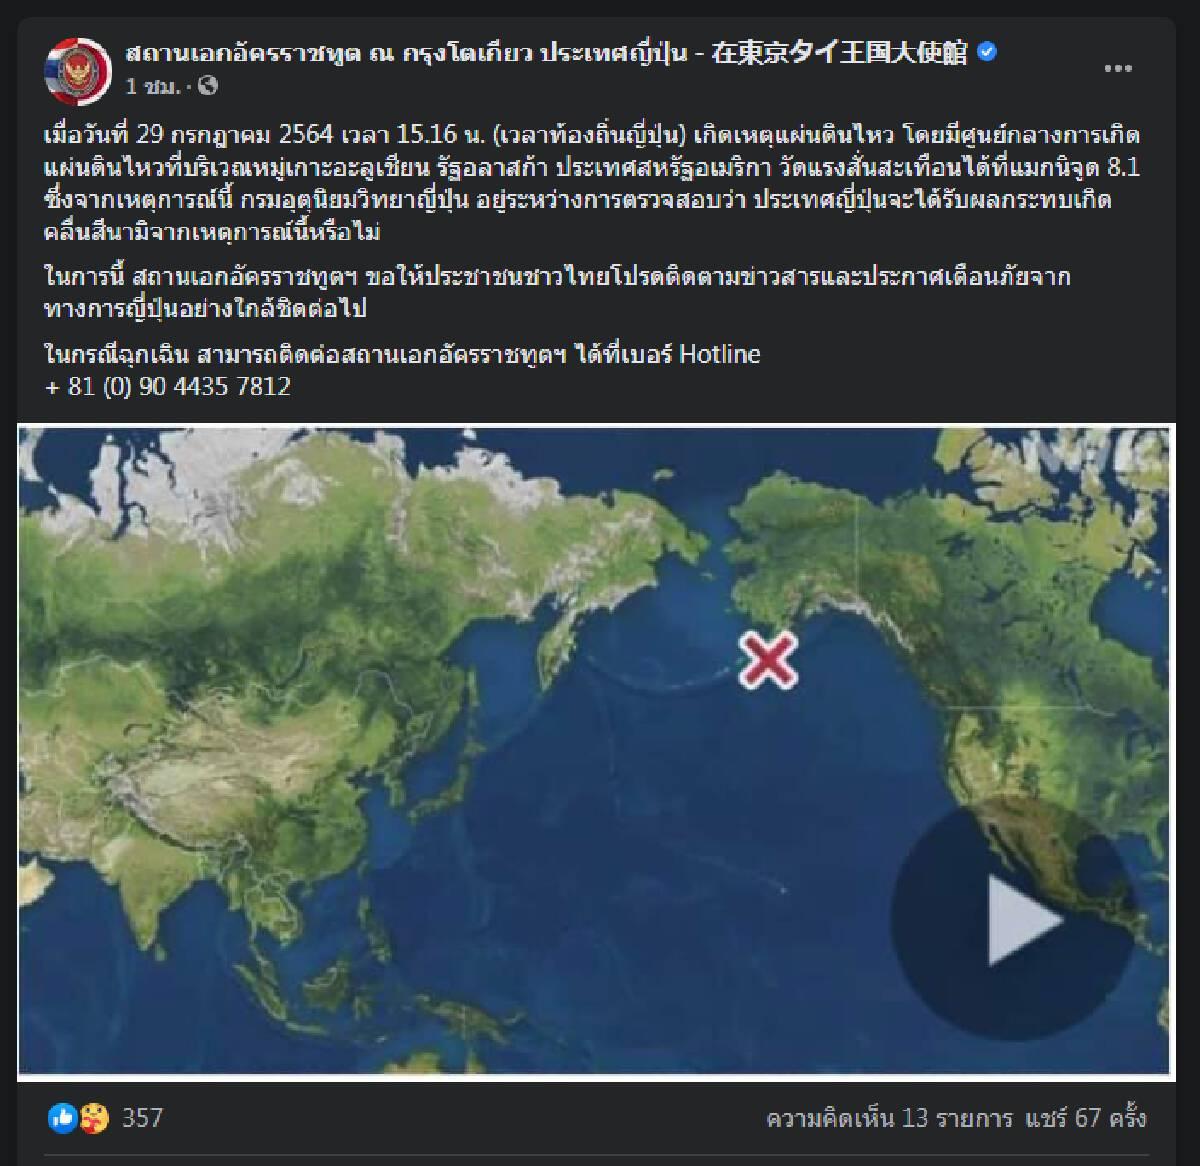 ญี่ปุ่น-นิวซีแลนด์ จับตาสึนามิจากเหตุแผ่นดินไหว